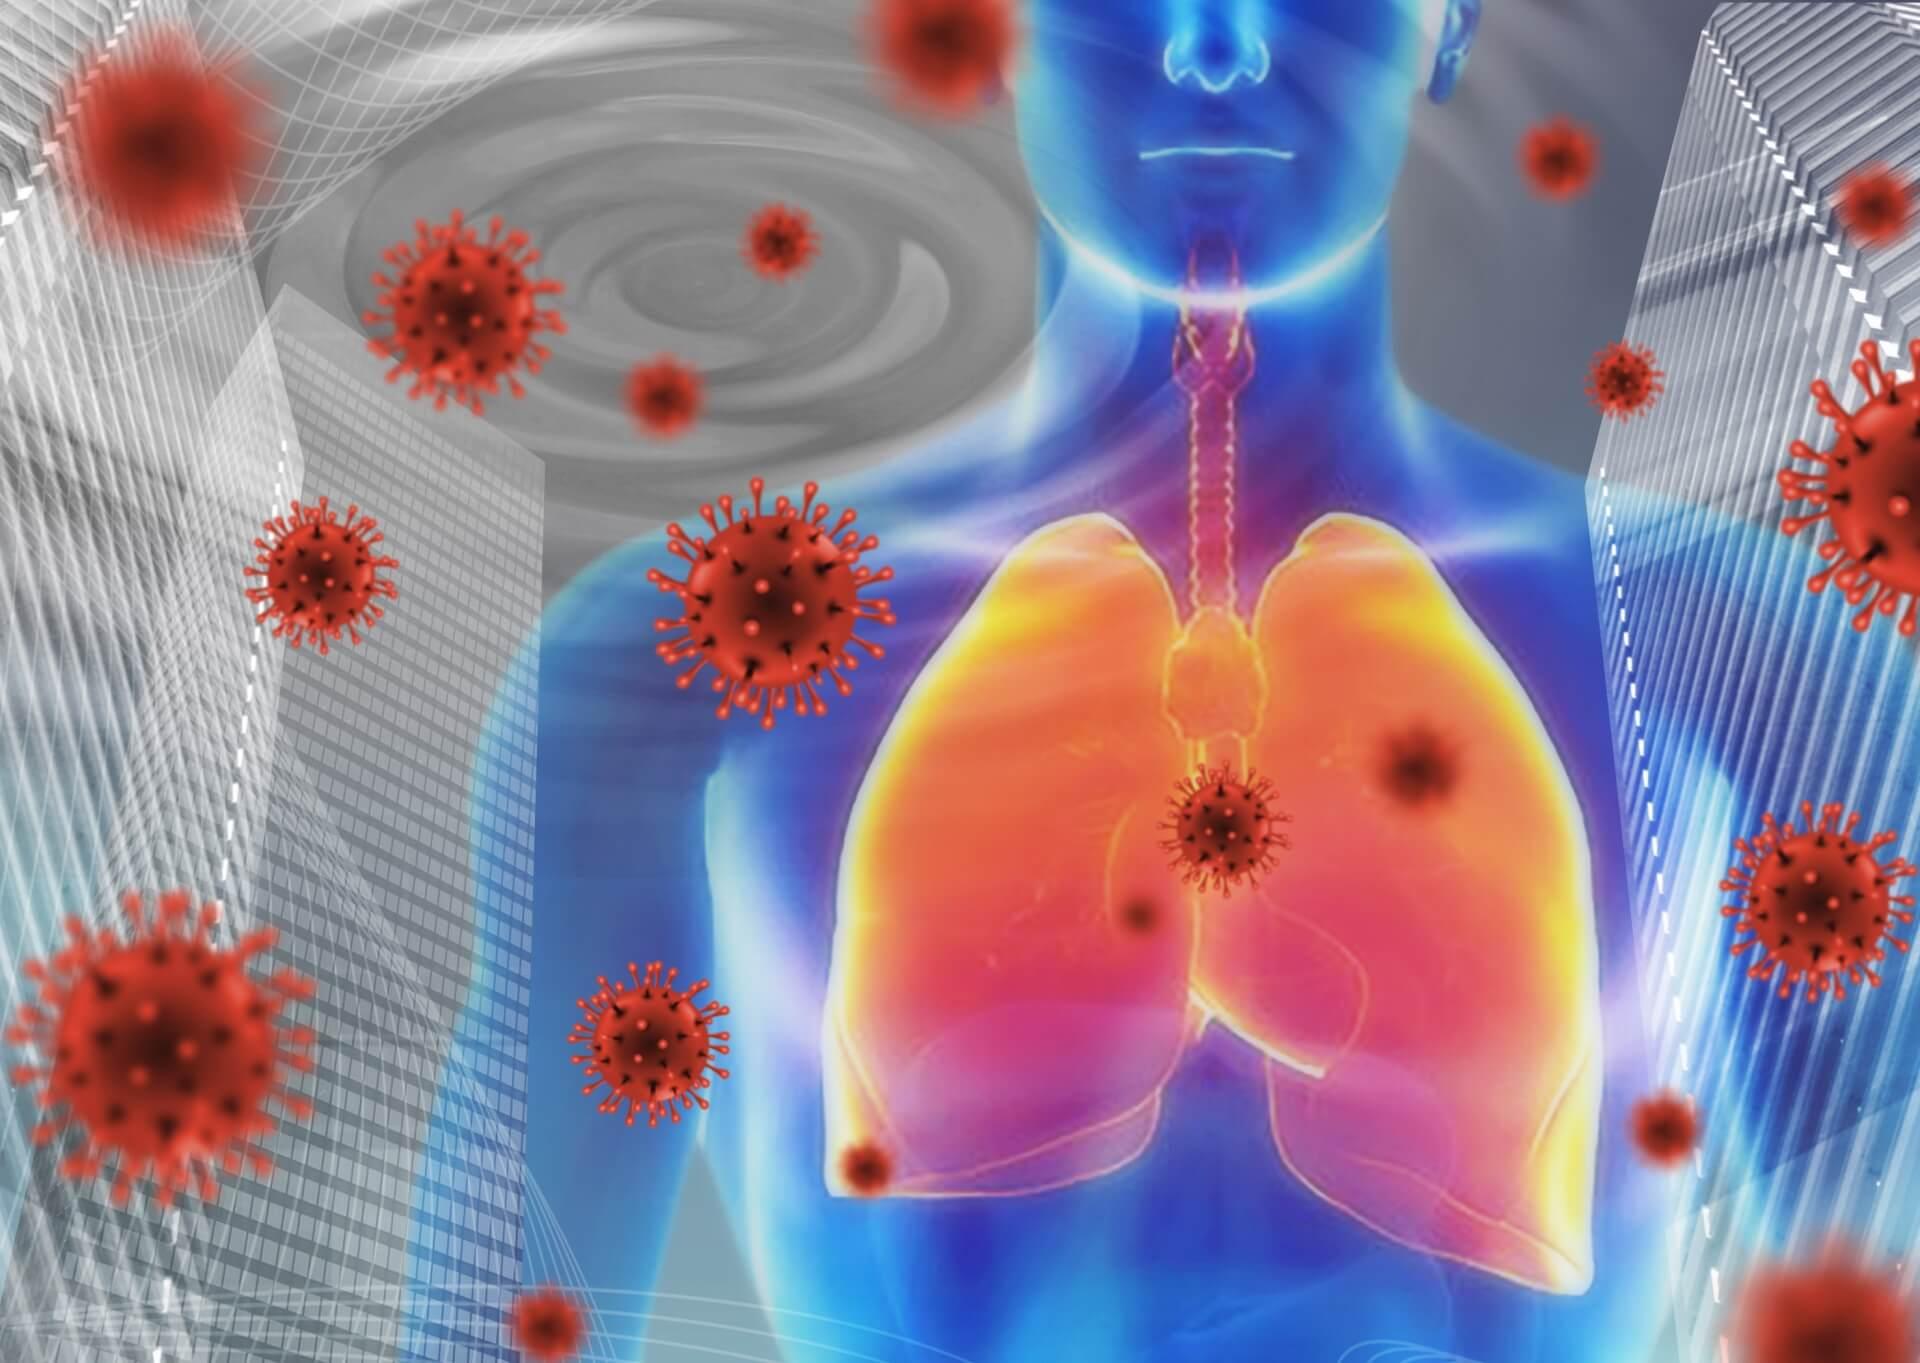 【4/14(火)】久留米市で新たに新型コロナ発生 感染したのは10歳代の女性